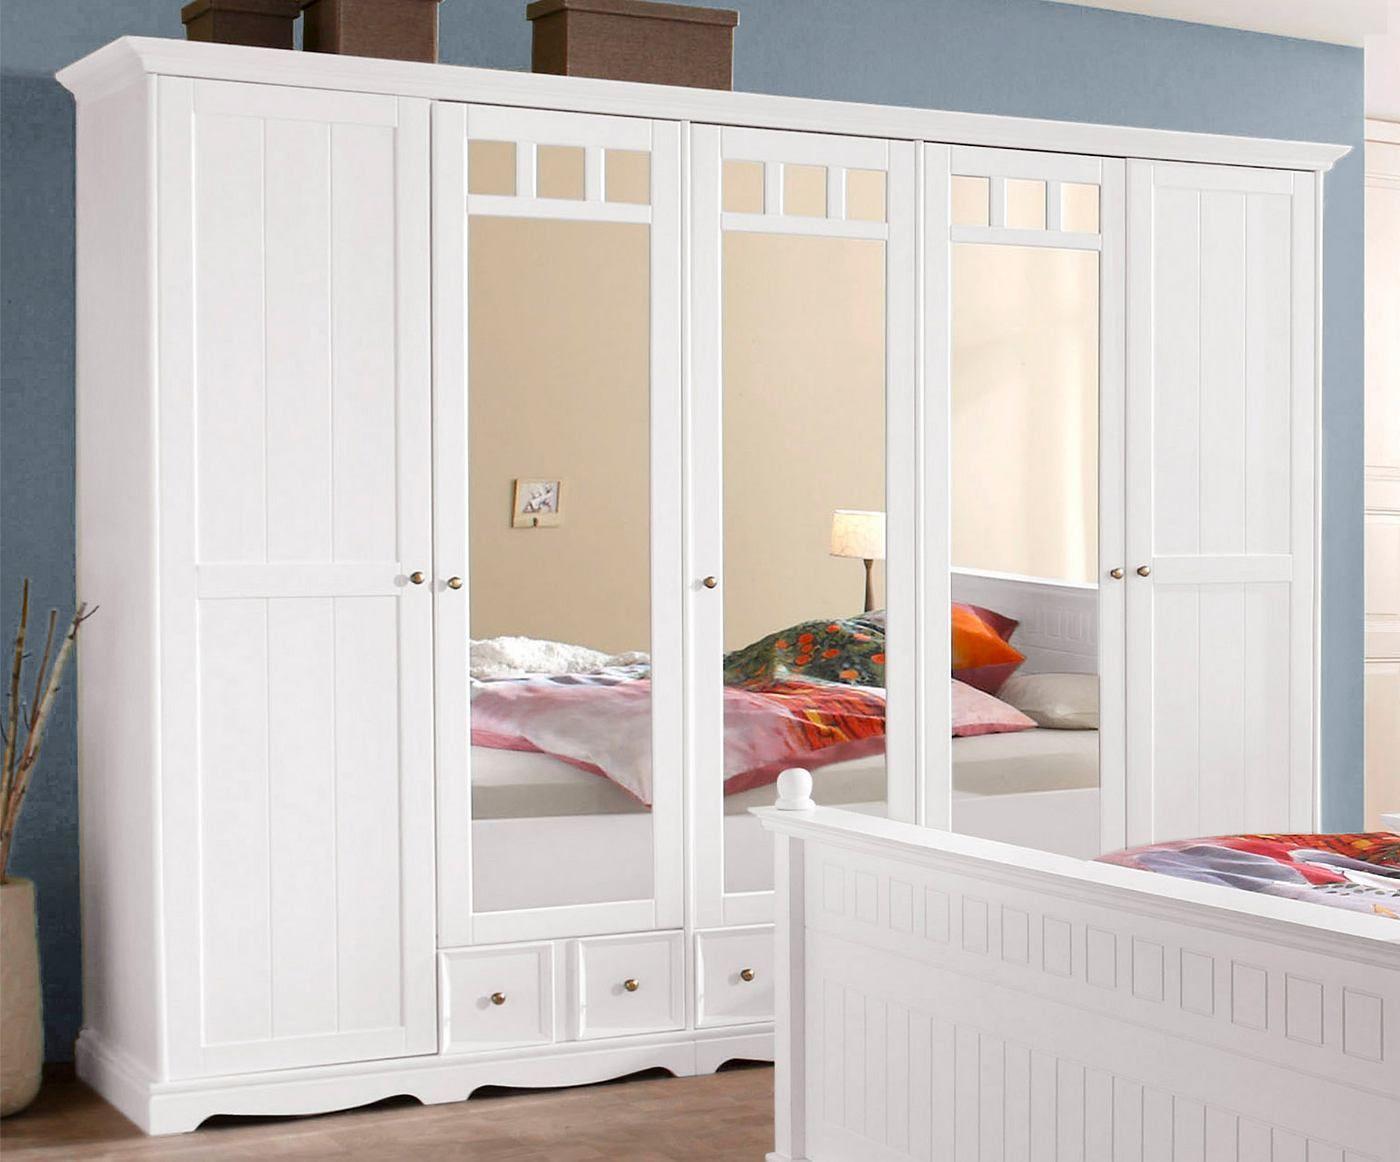 Kleiderschrank Premium Collection By Home Affaire Pisa